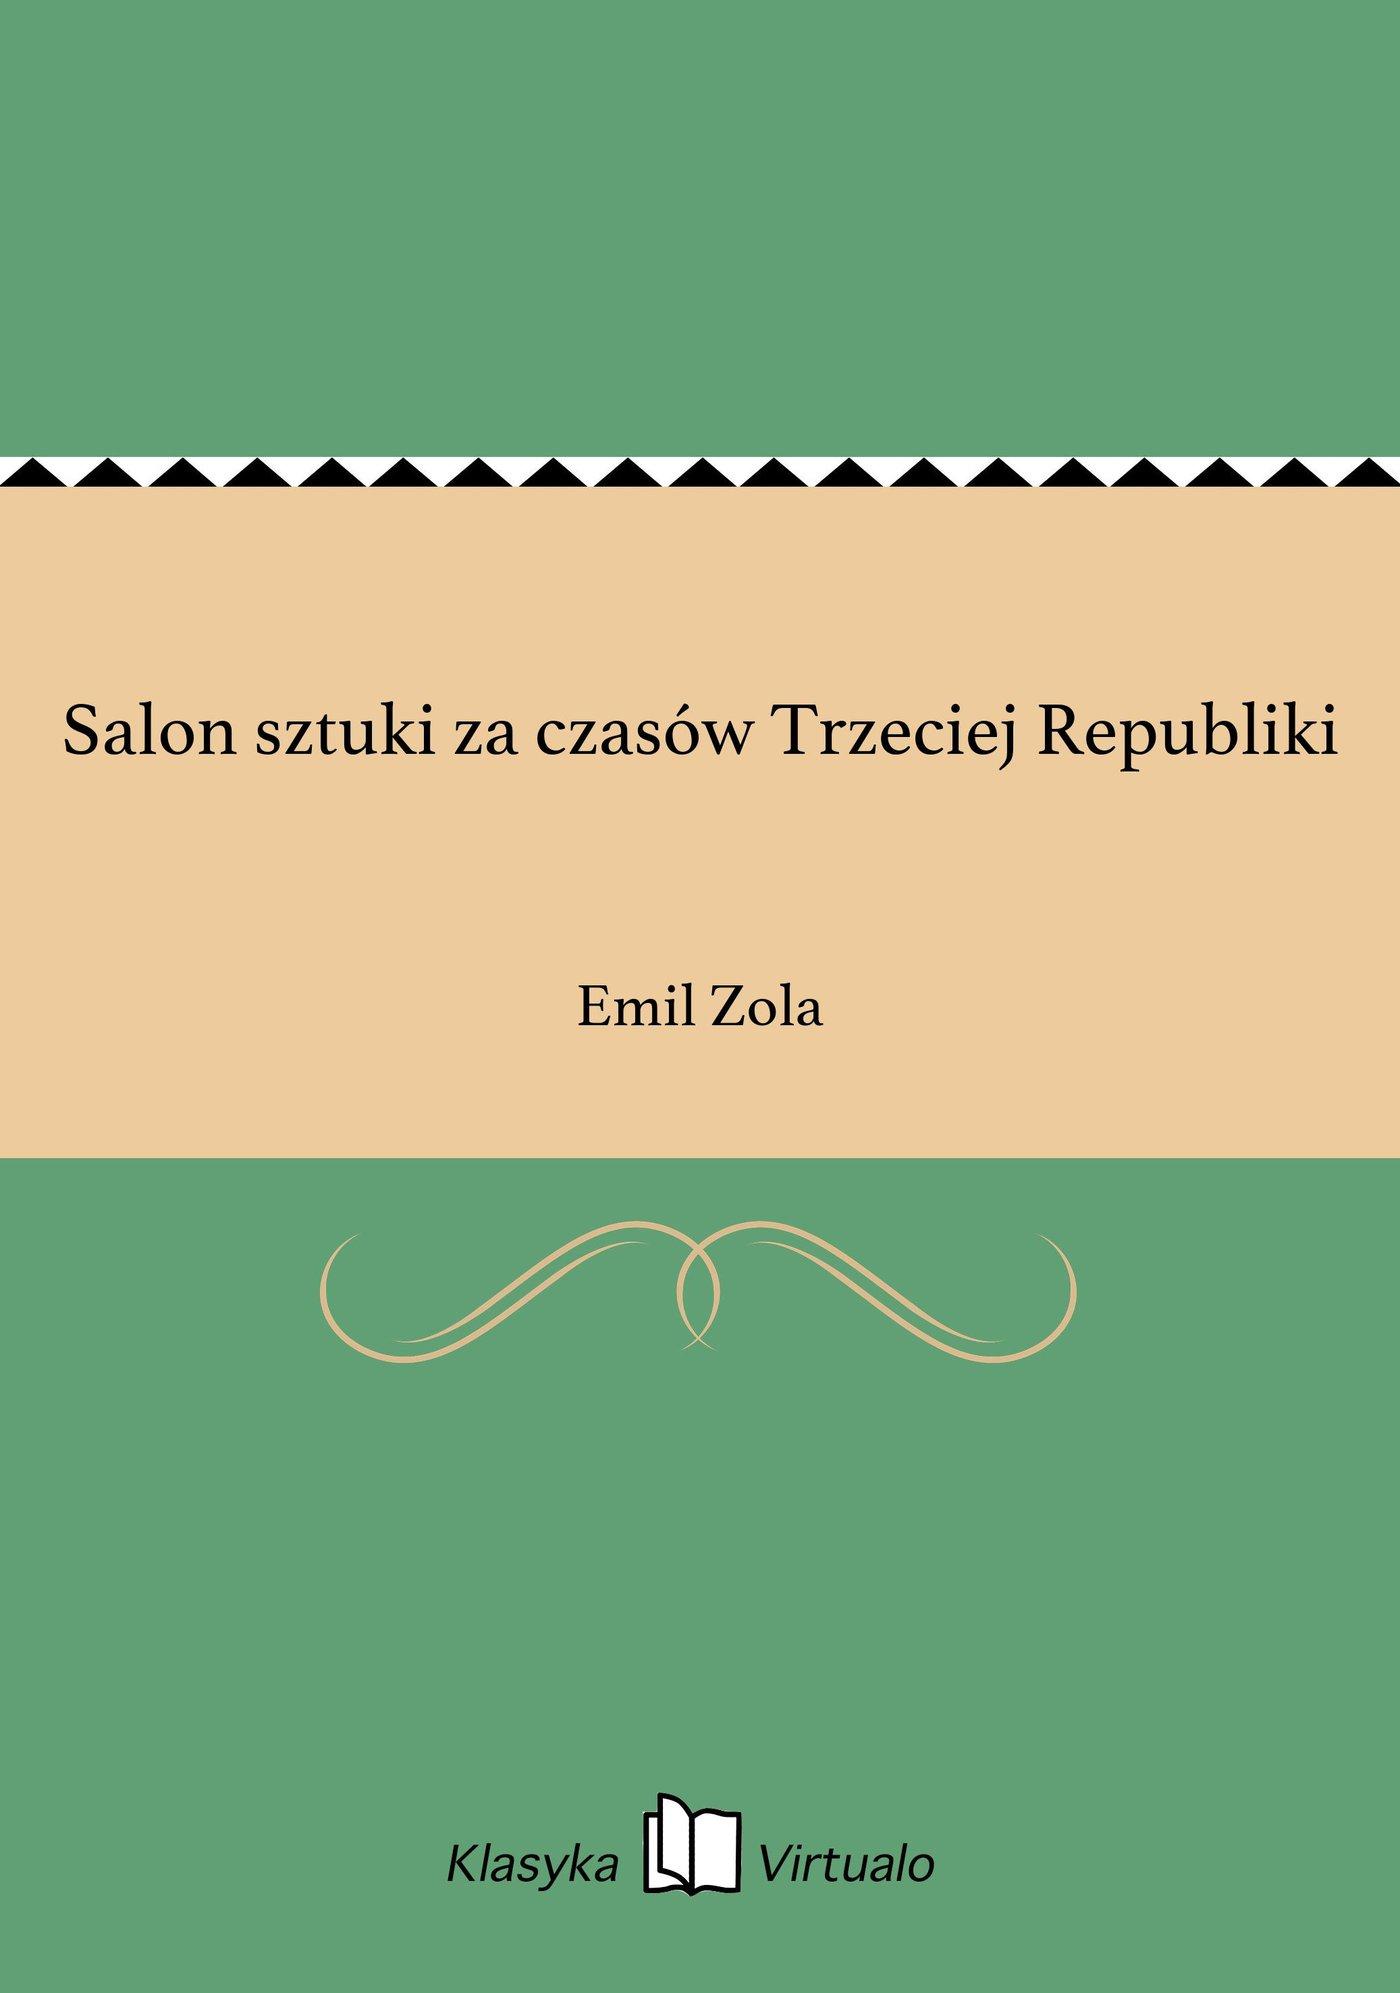 Salon sztuki za czasów Trzeciej Republiki - Ebook (Książka EPUB) do pobrania w formacie EPUB